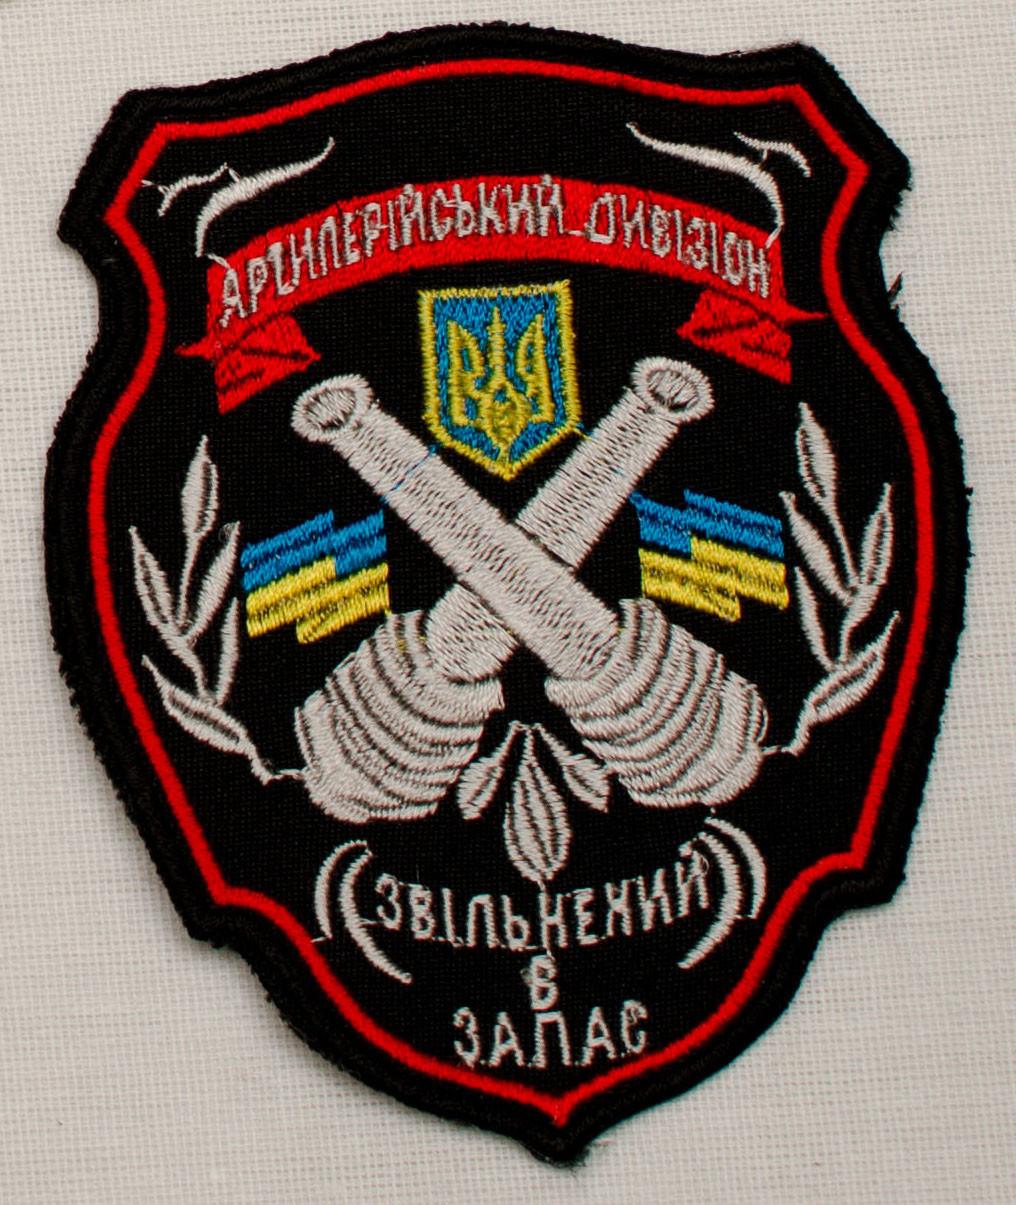 """Шеврон """"Звільнений в запас -Артилерійський дивізіон""""  на липучке"""